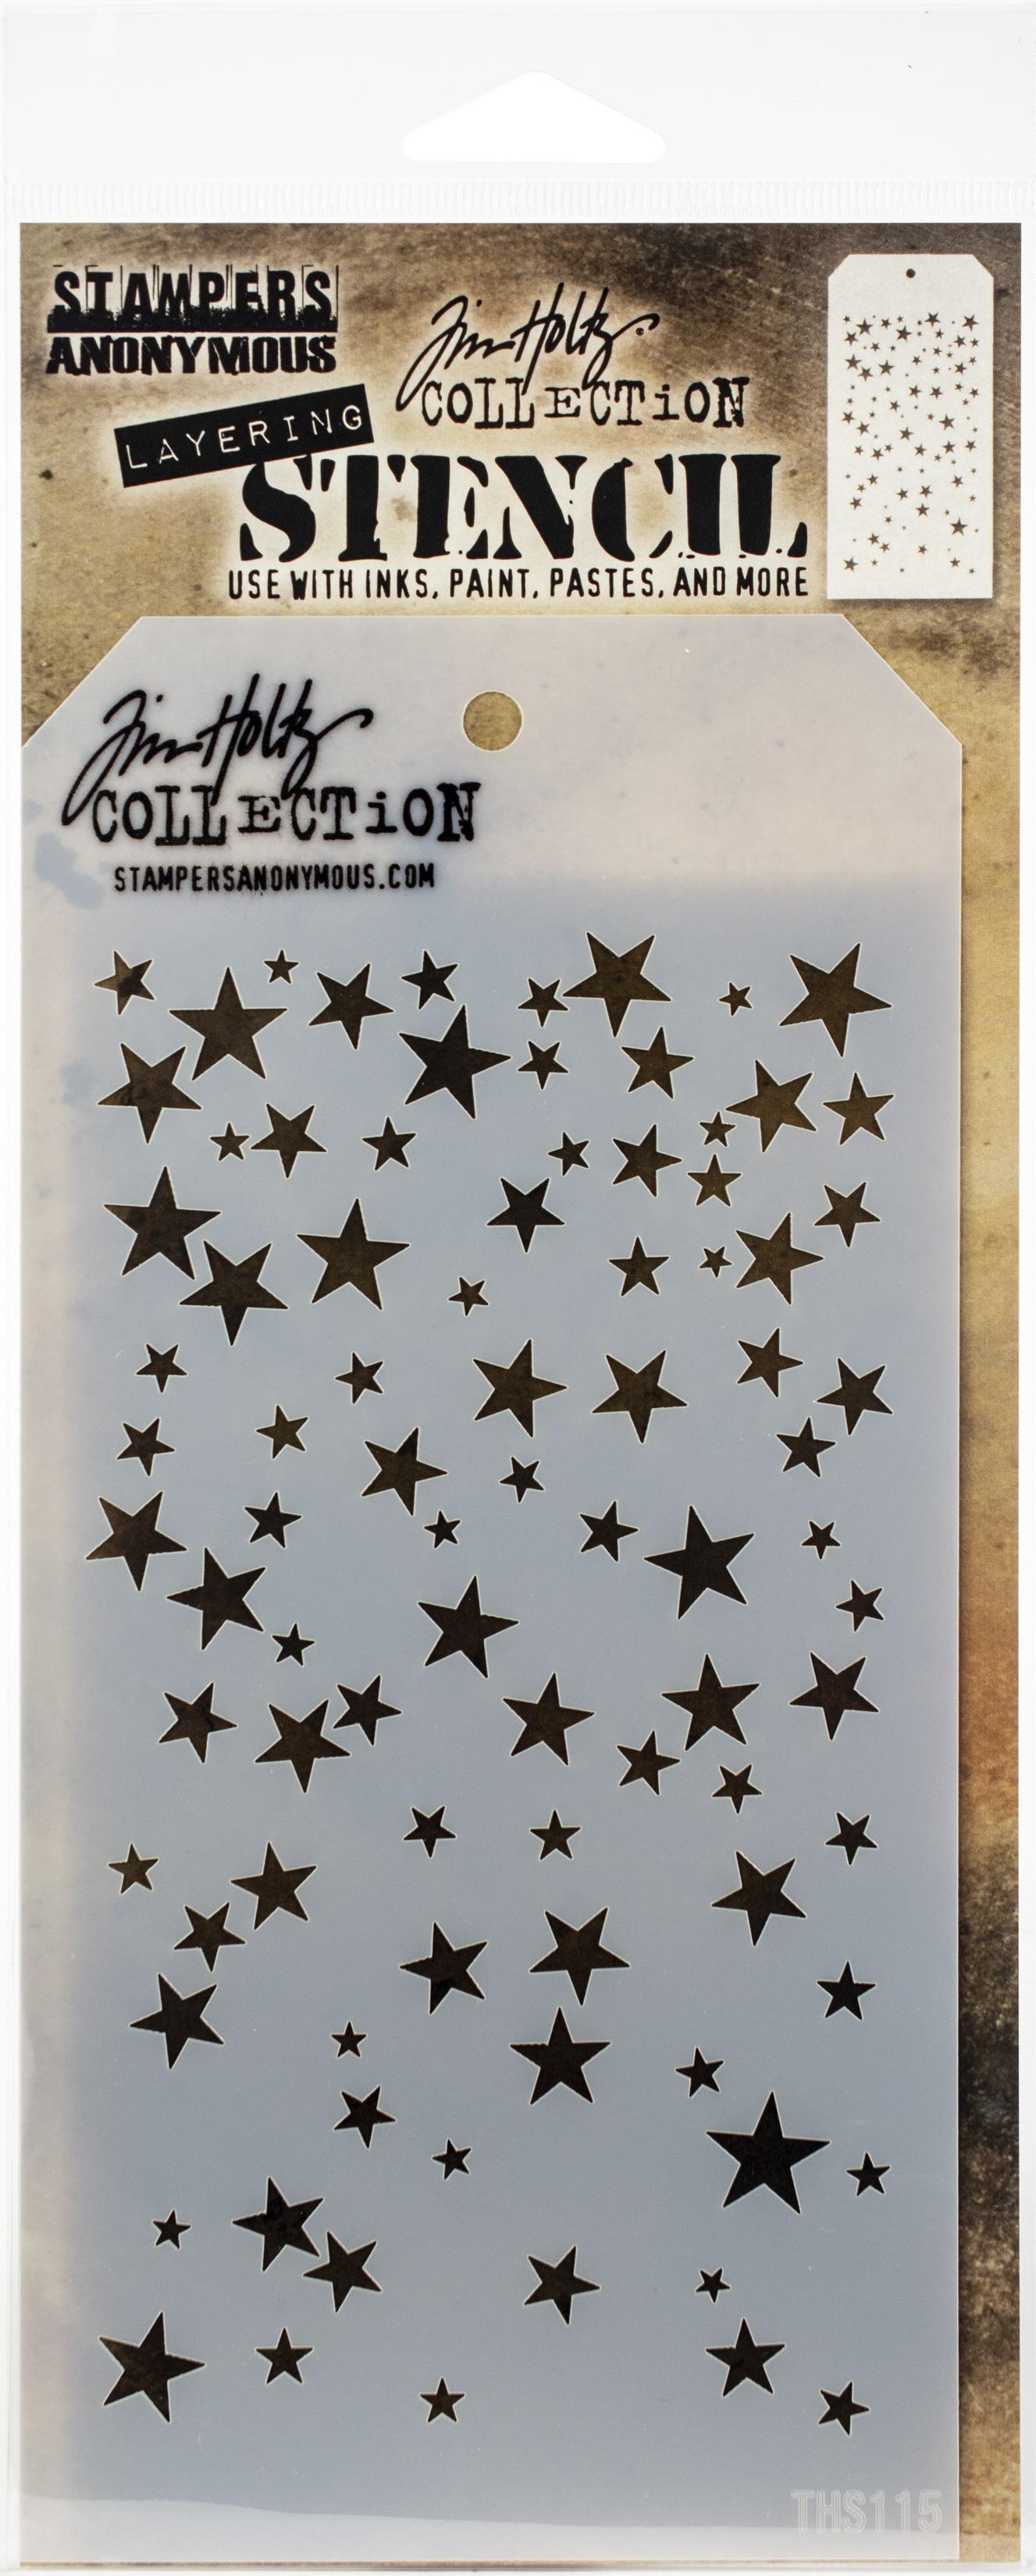 Tim Holtz - Falling Stars Layering Stencil